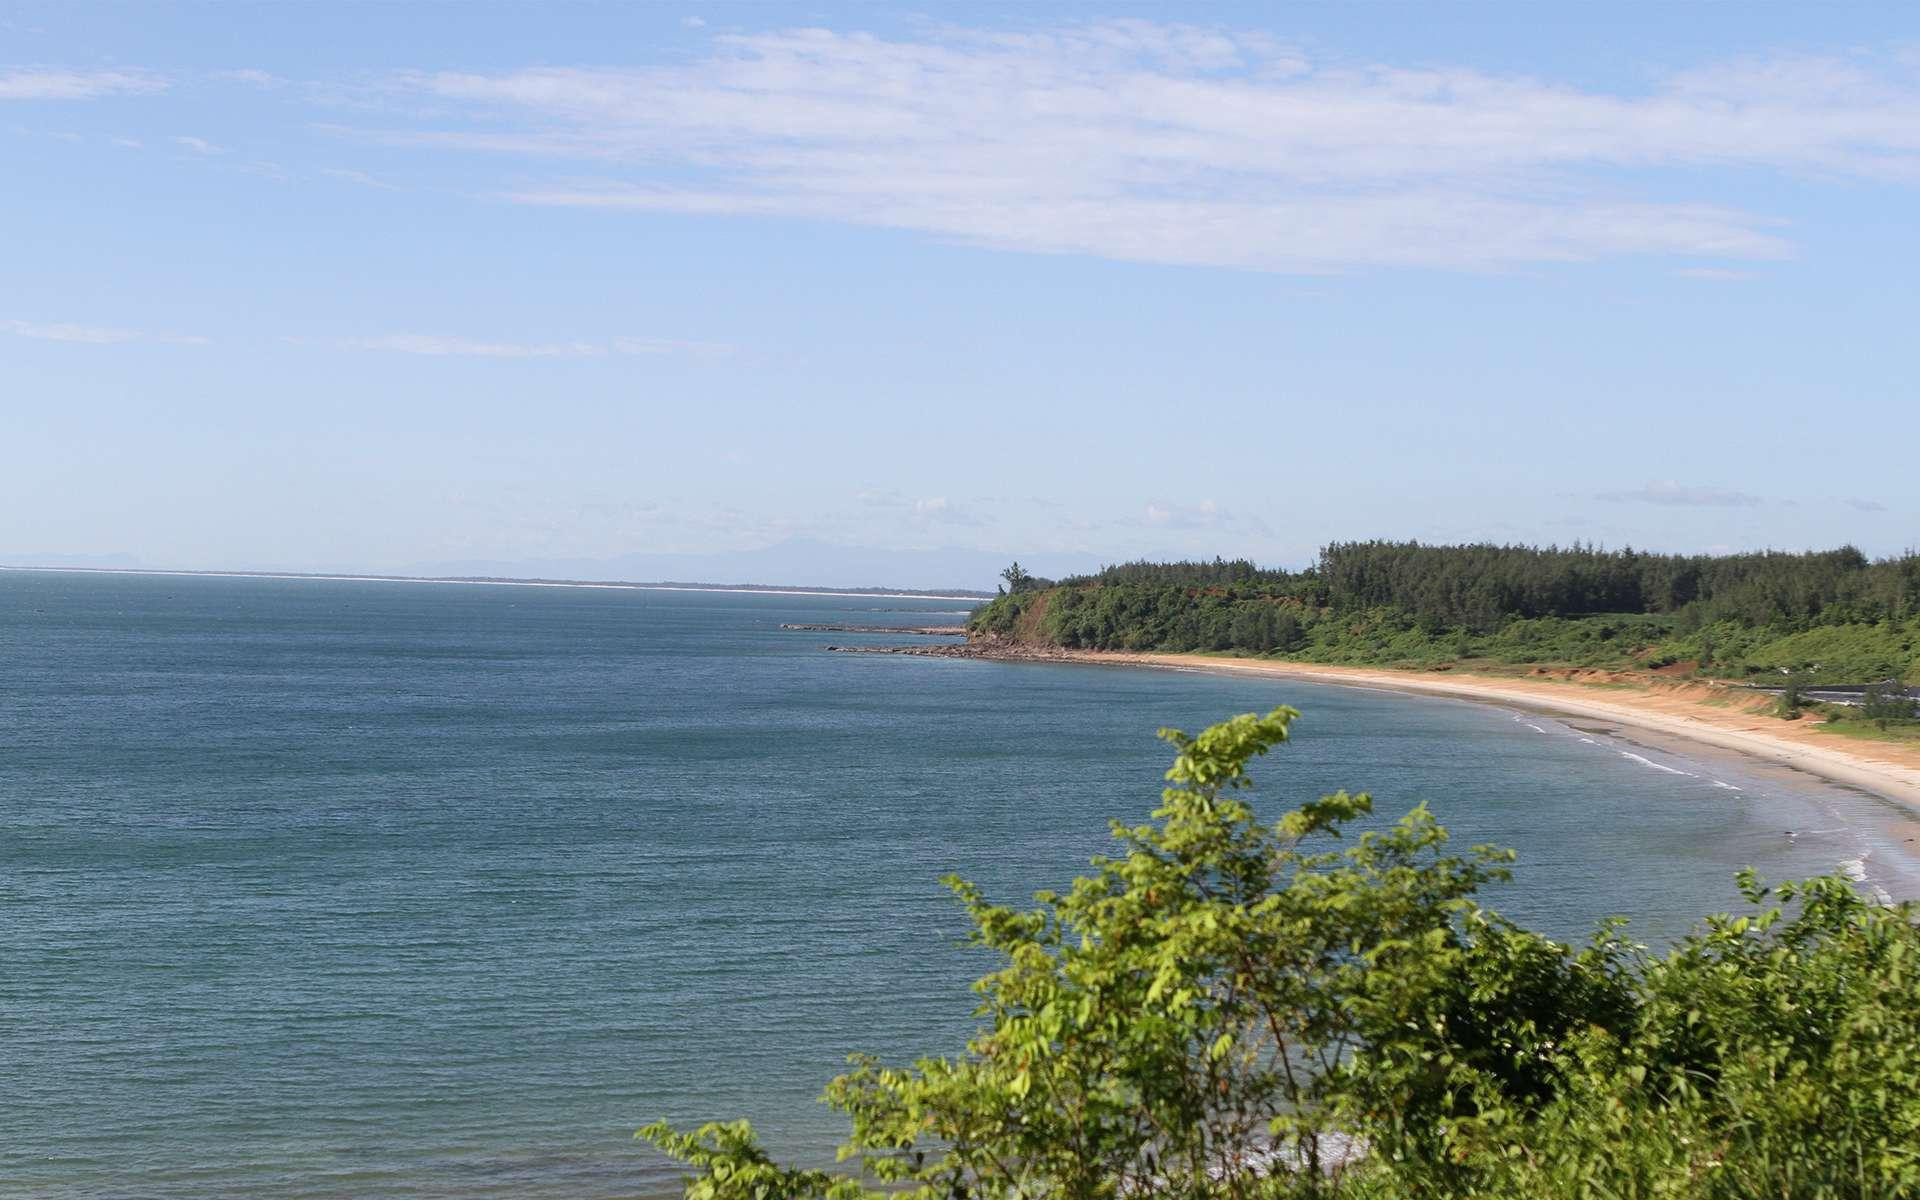 Ngoài tàn tích chiến tranh, còn có một Quảng Trị trong veo với những bãi biển nguyên sơ, thơ mộng - Ảnh 4.